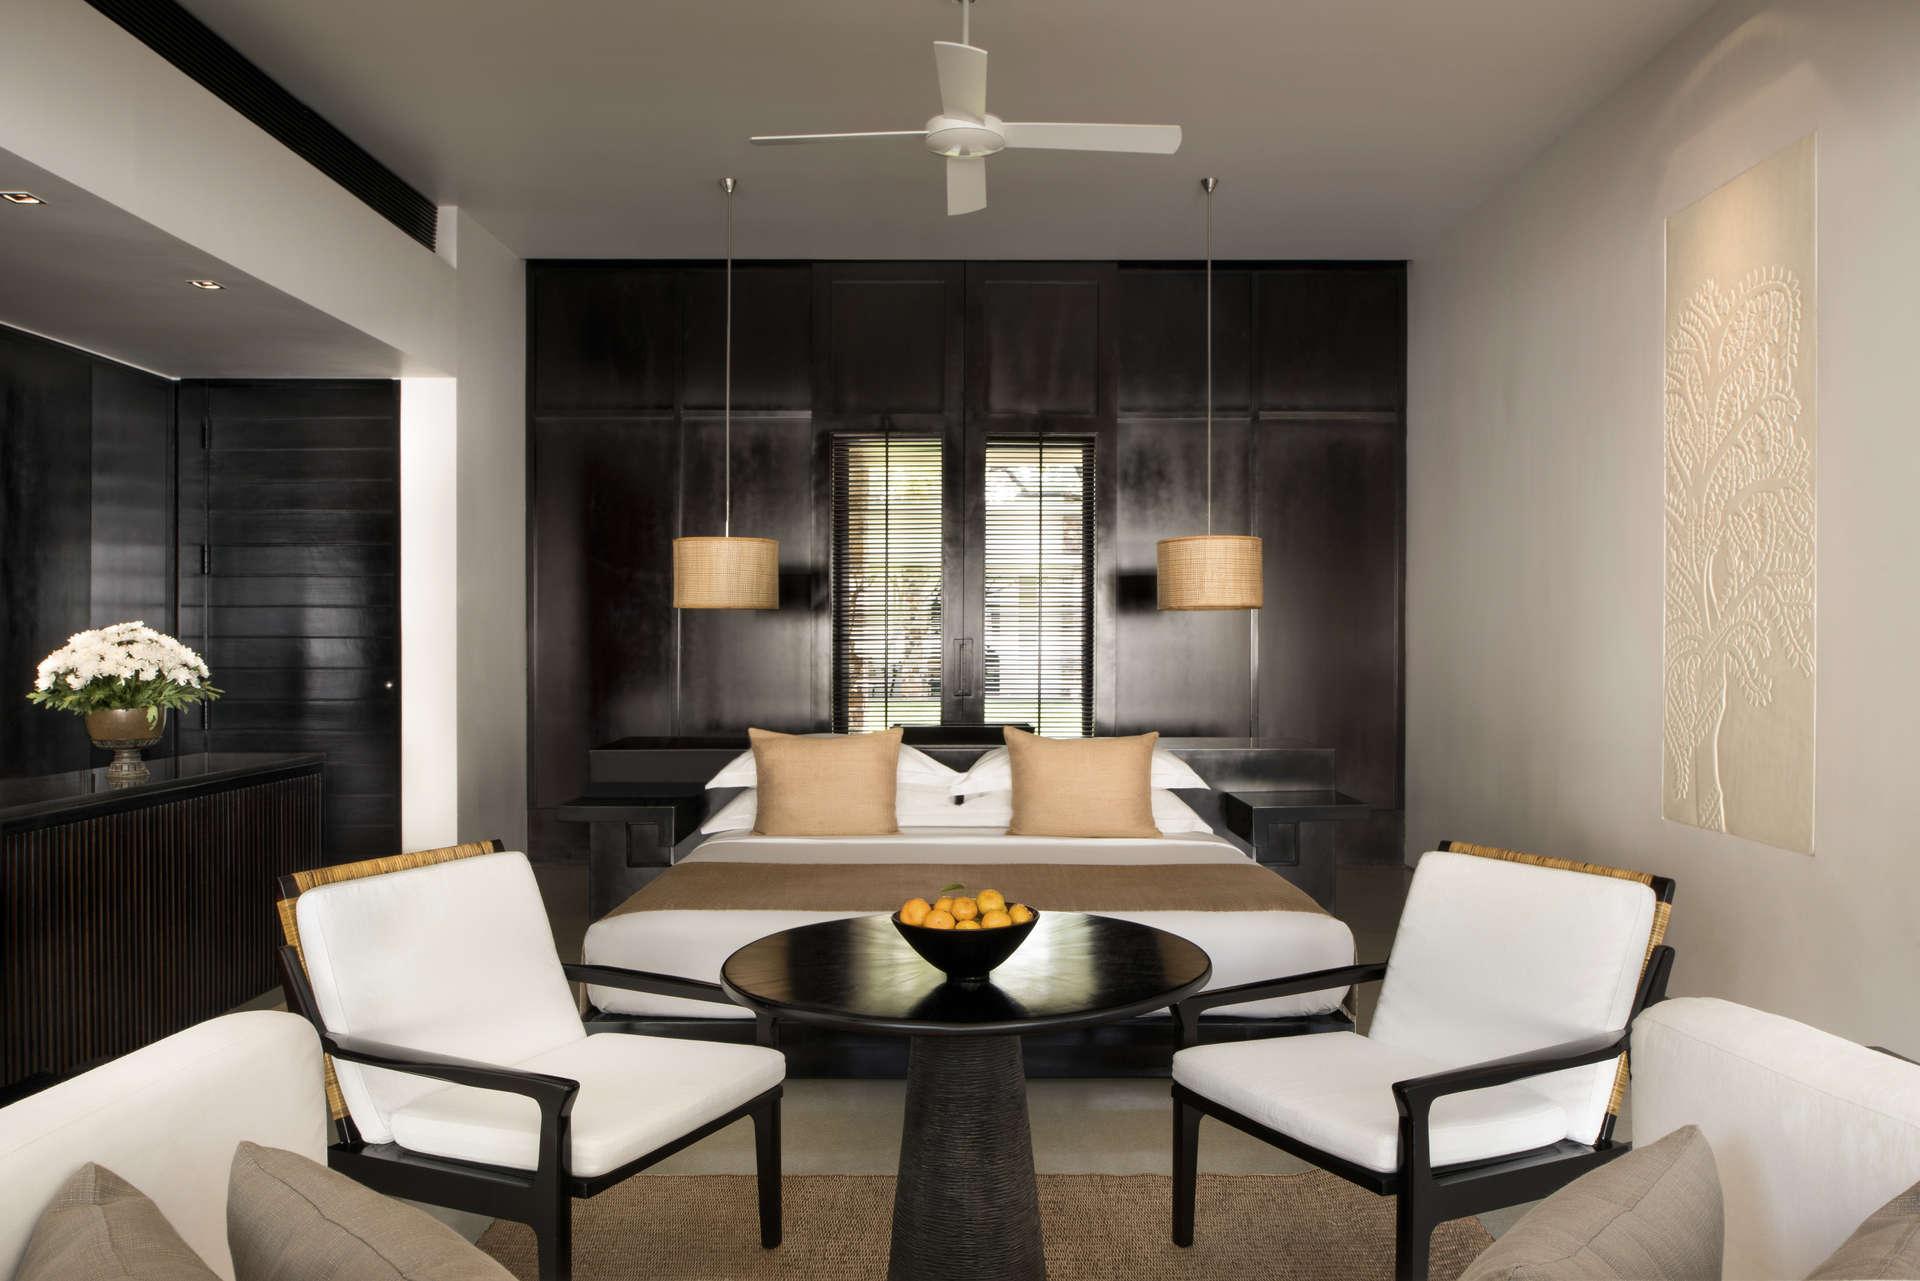 - Double Suite - Image 1/5